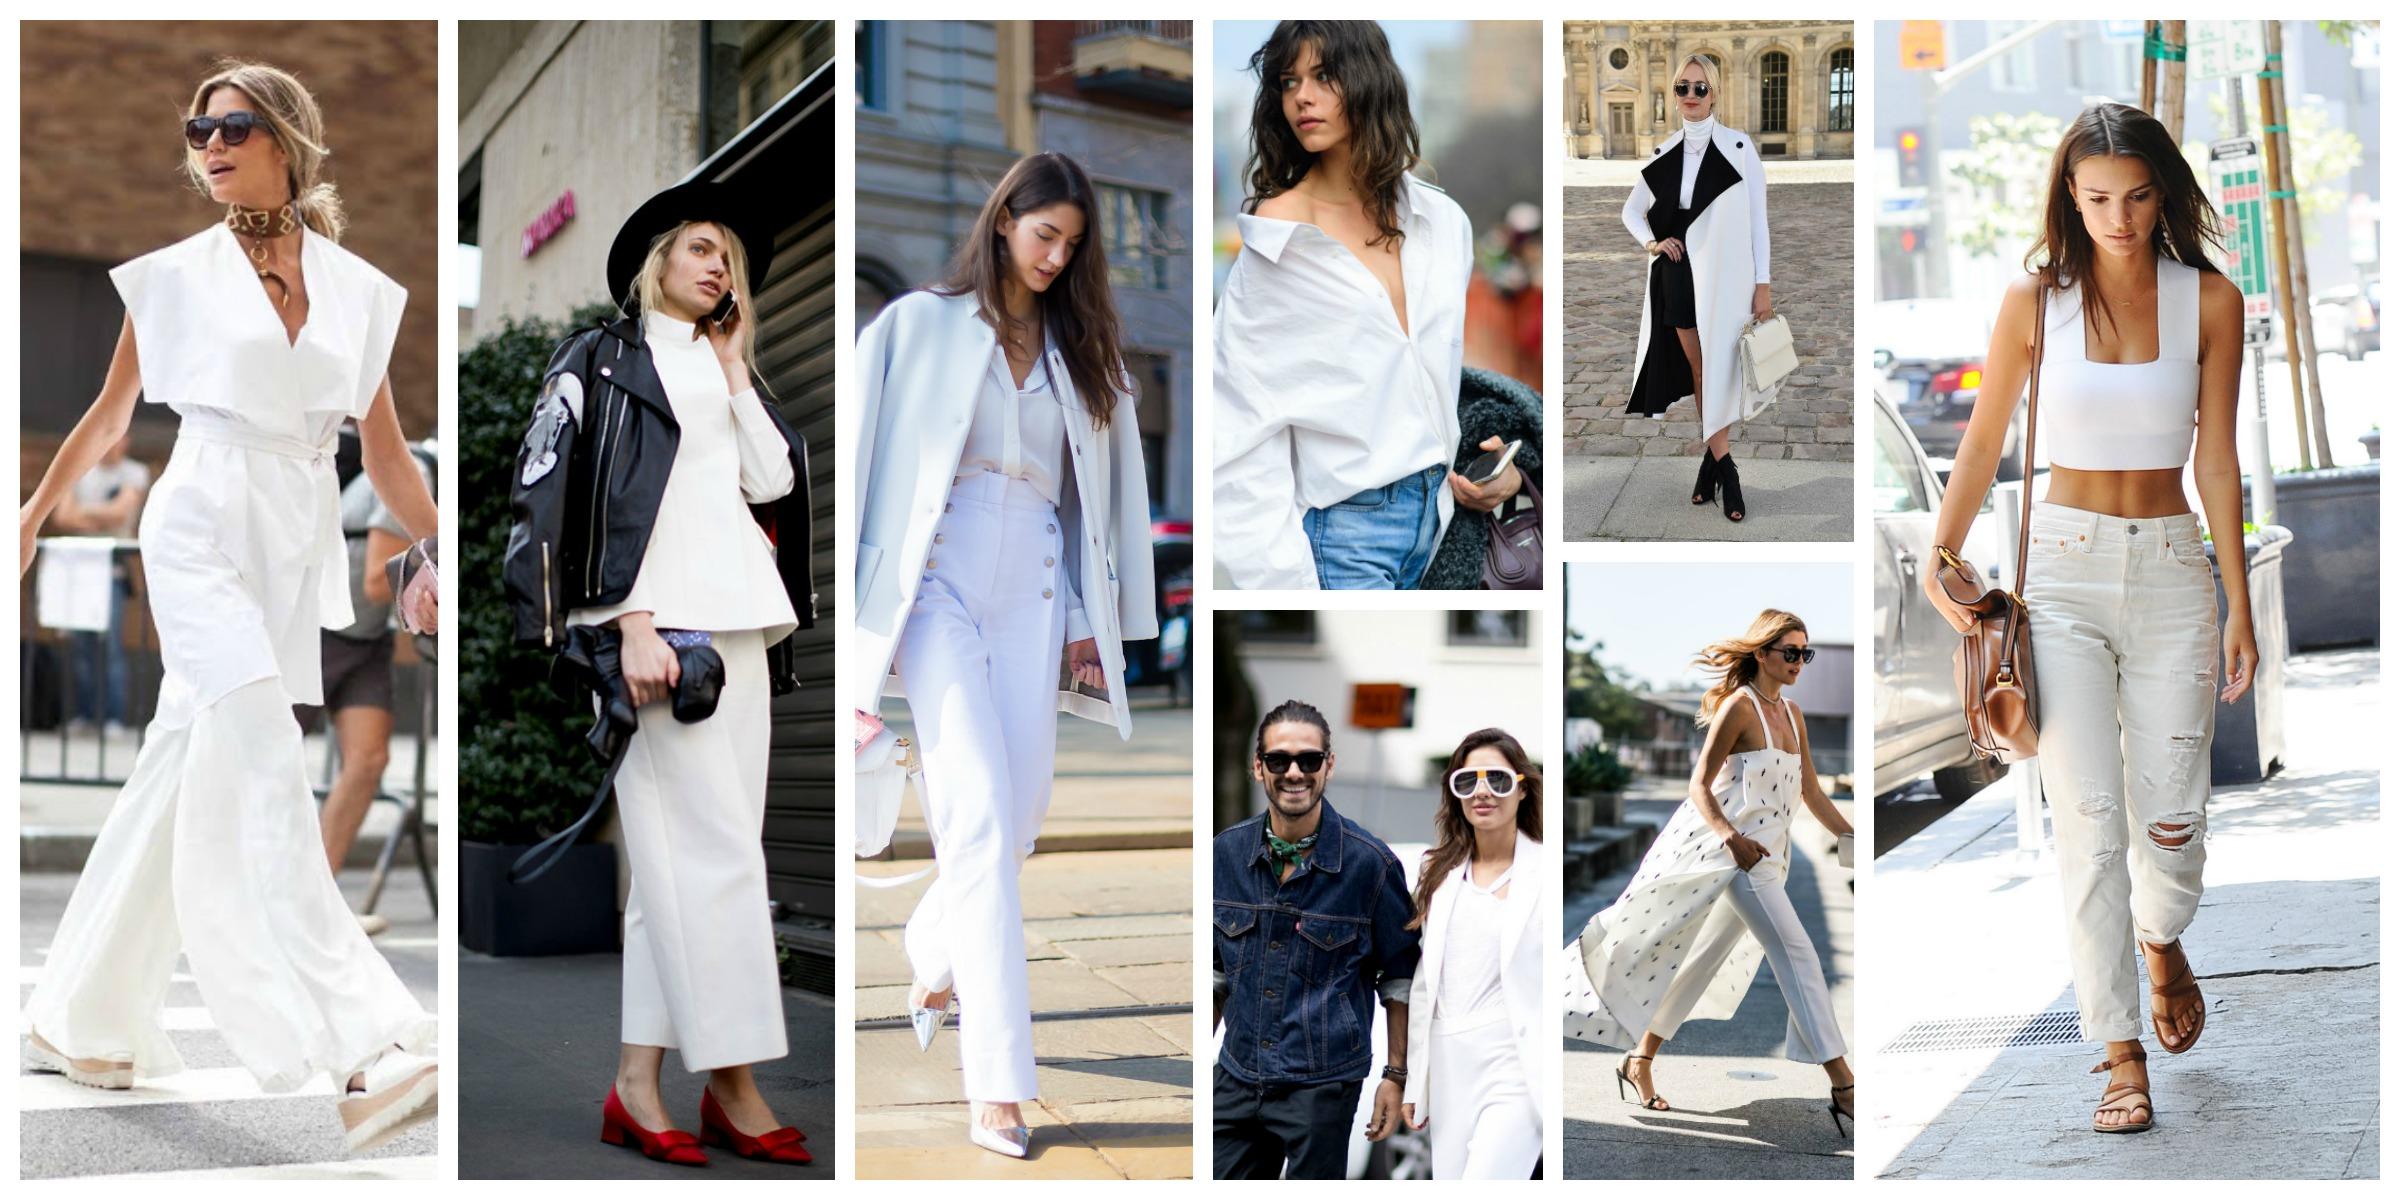 Как правильно носить белую одежду